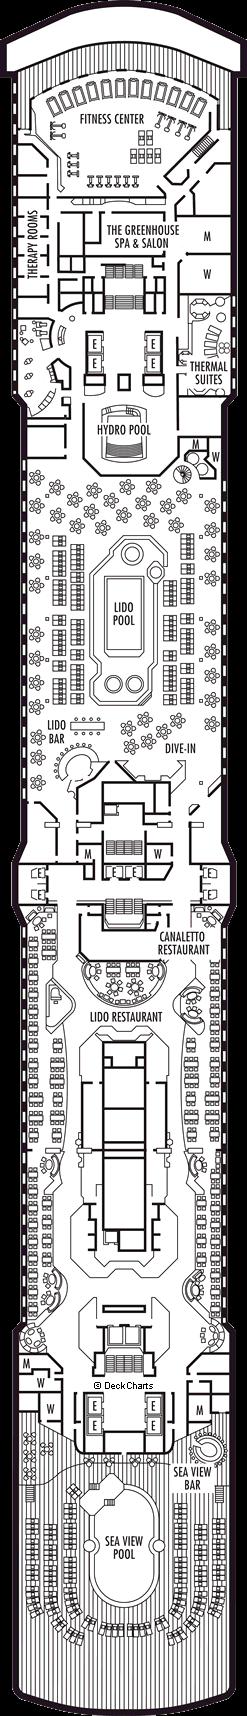 Zuiderdam: Lido Deck